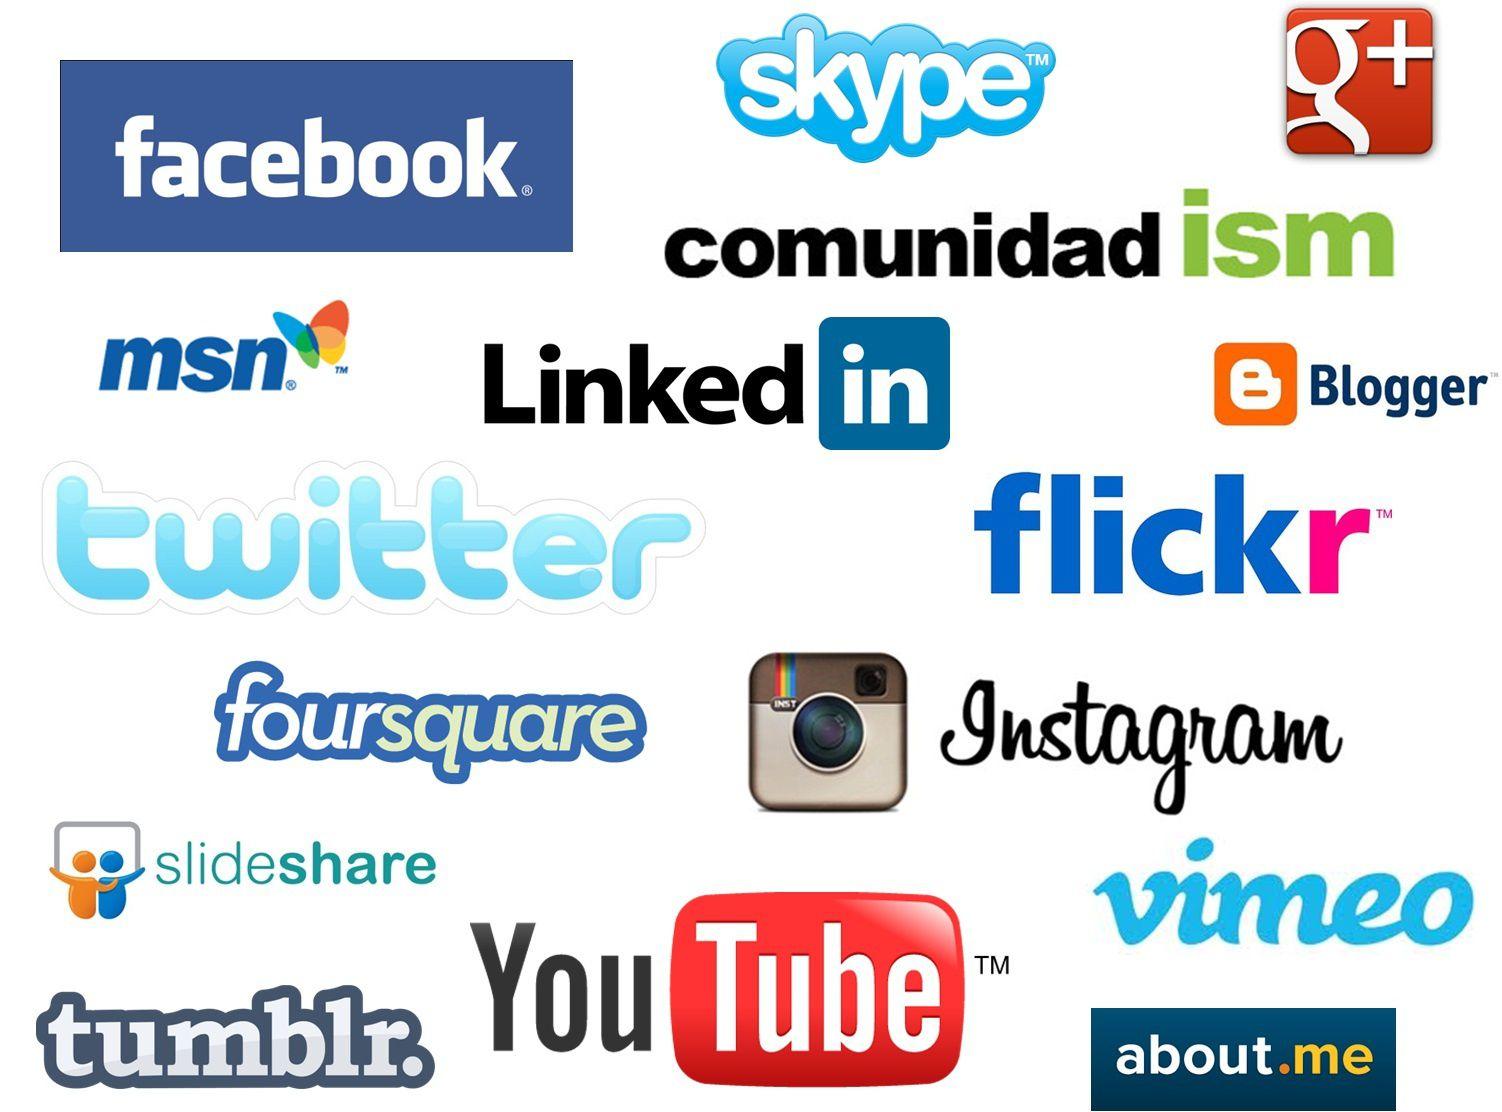 Sé respetuoso con los demás qué sí tienen qué compartir en las redes sociales.- El Muni.